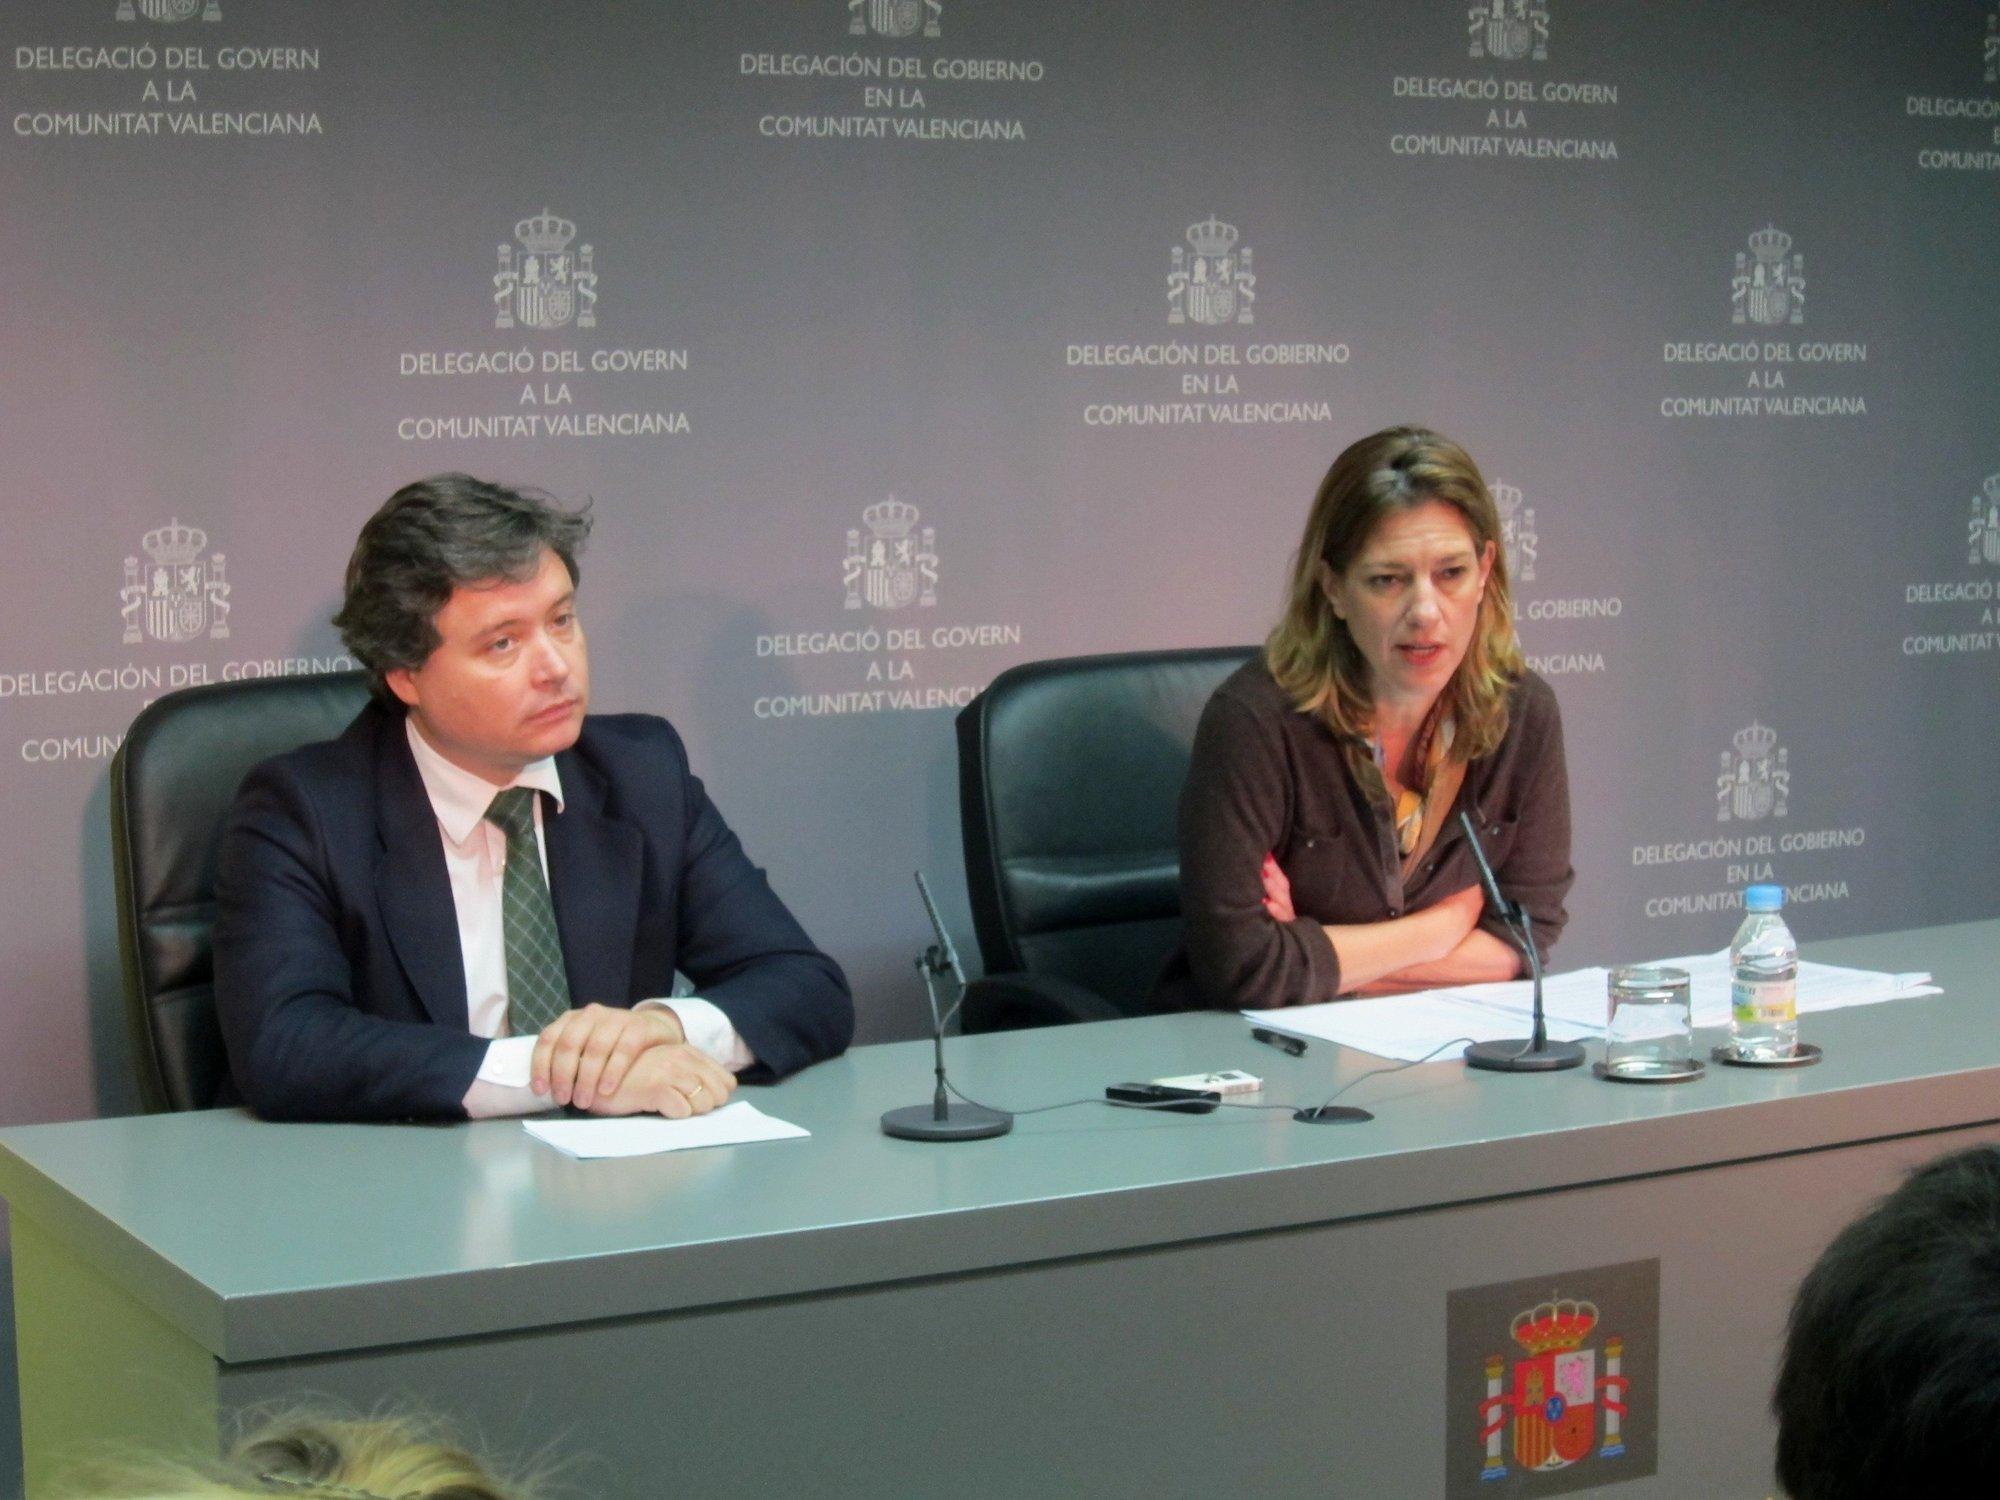 Urdangarin-Delegación Gobierno en Valencia mantendrá en el cargo a Isabel Villalonga porque cree en su «honestidad»